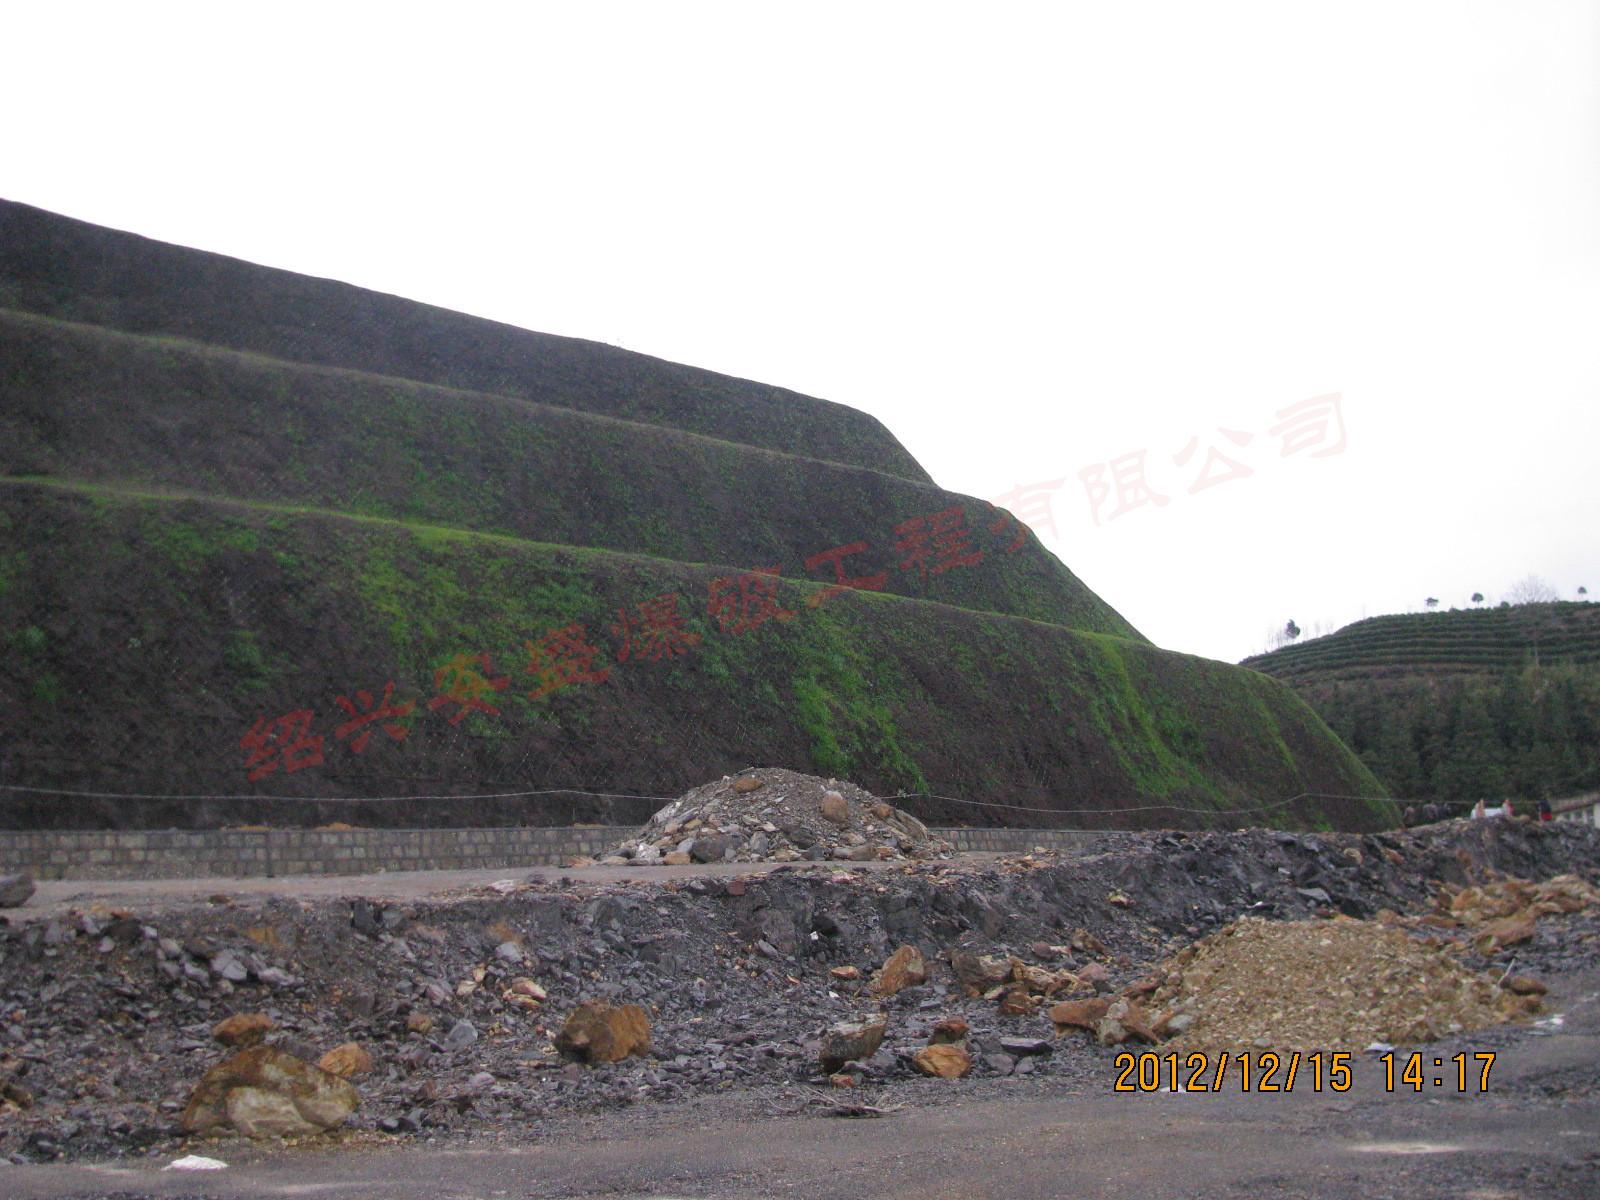 淳安县临岐镇溪口中心村建设一期北侧边坡治理工程